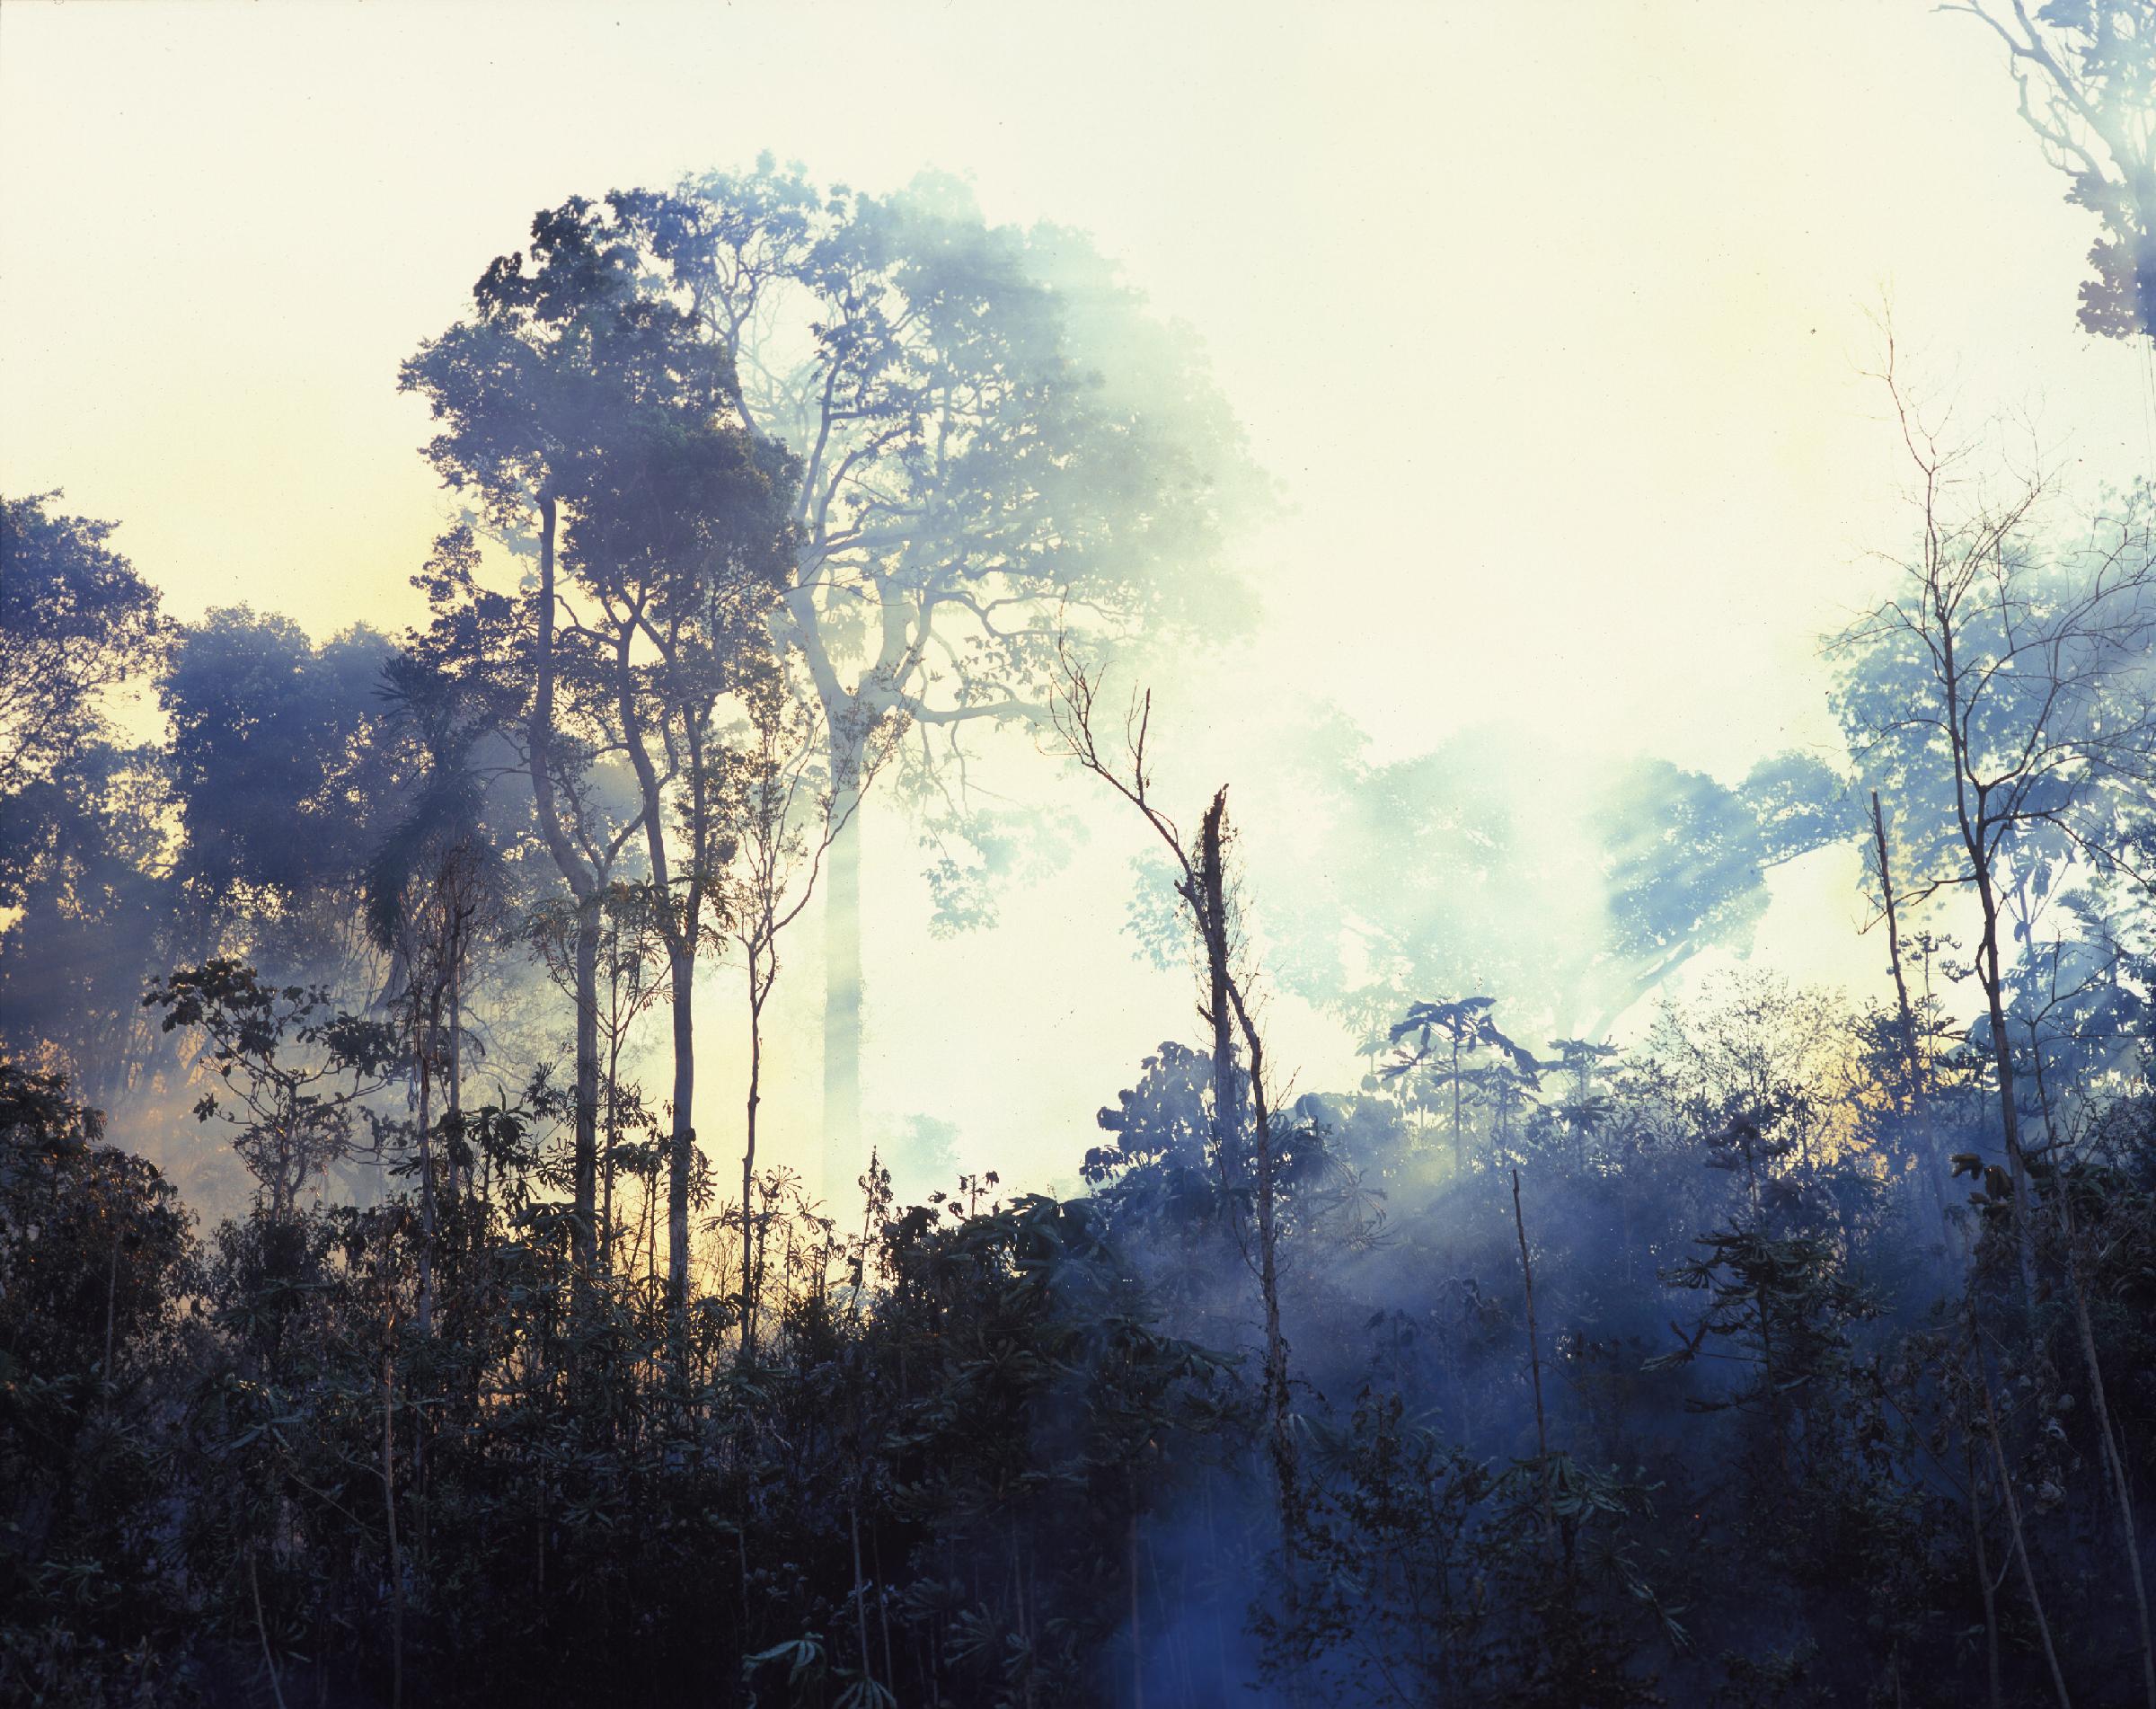 Sergio Vega. Paradise Burning, 2008. © Galerie Karsten Greve